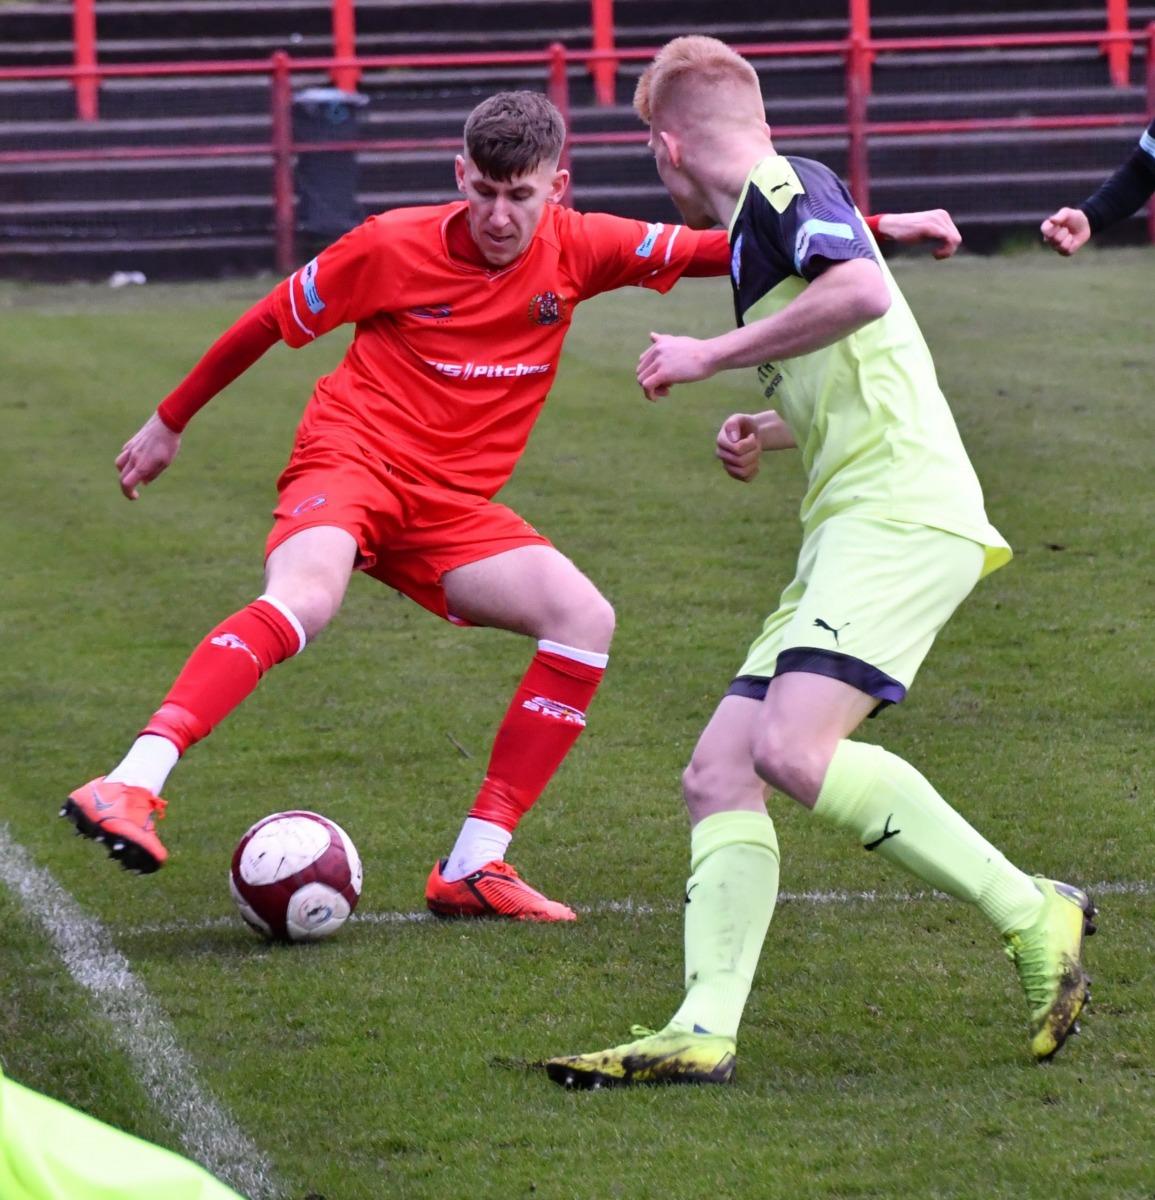 Workington-Reds-v-Ossett-Utd-Ben-Challis-5-scaled